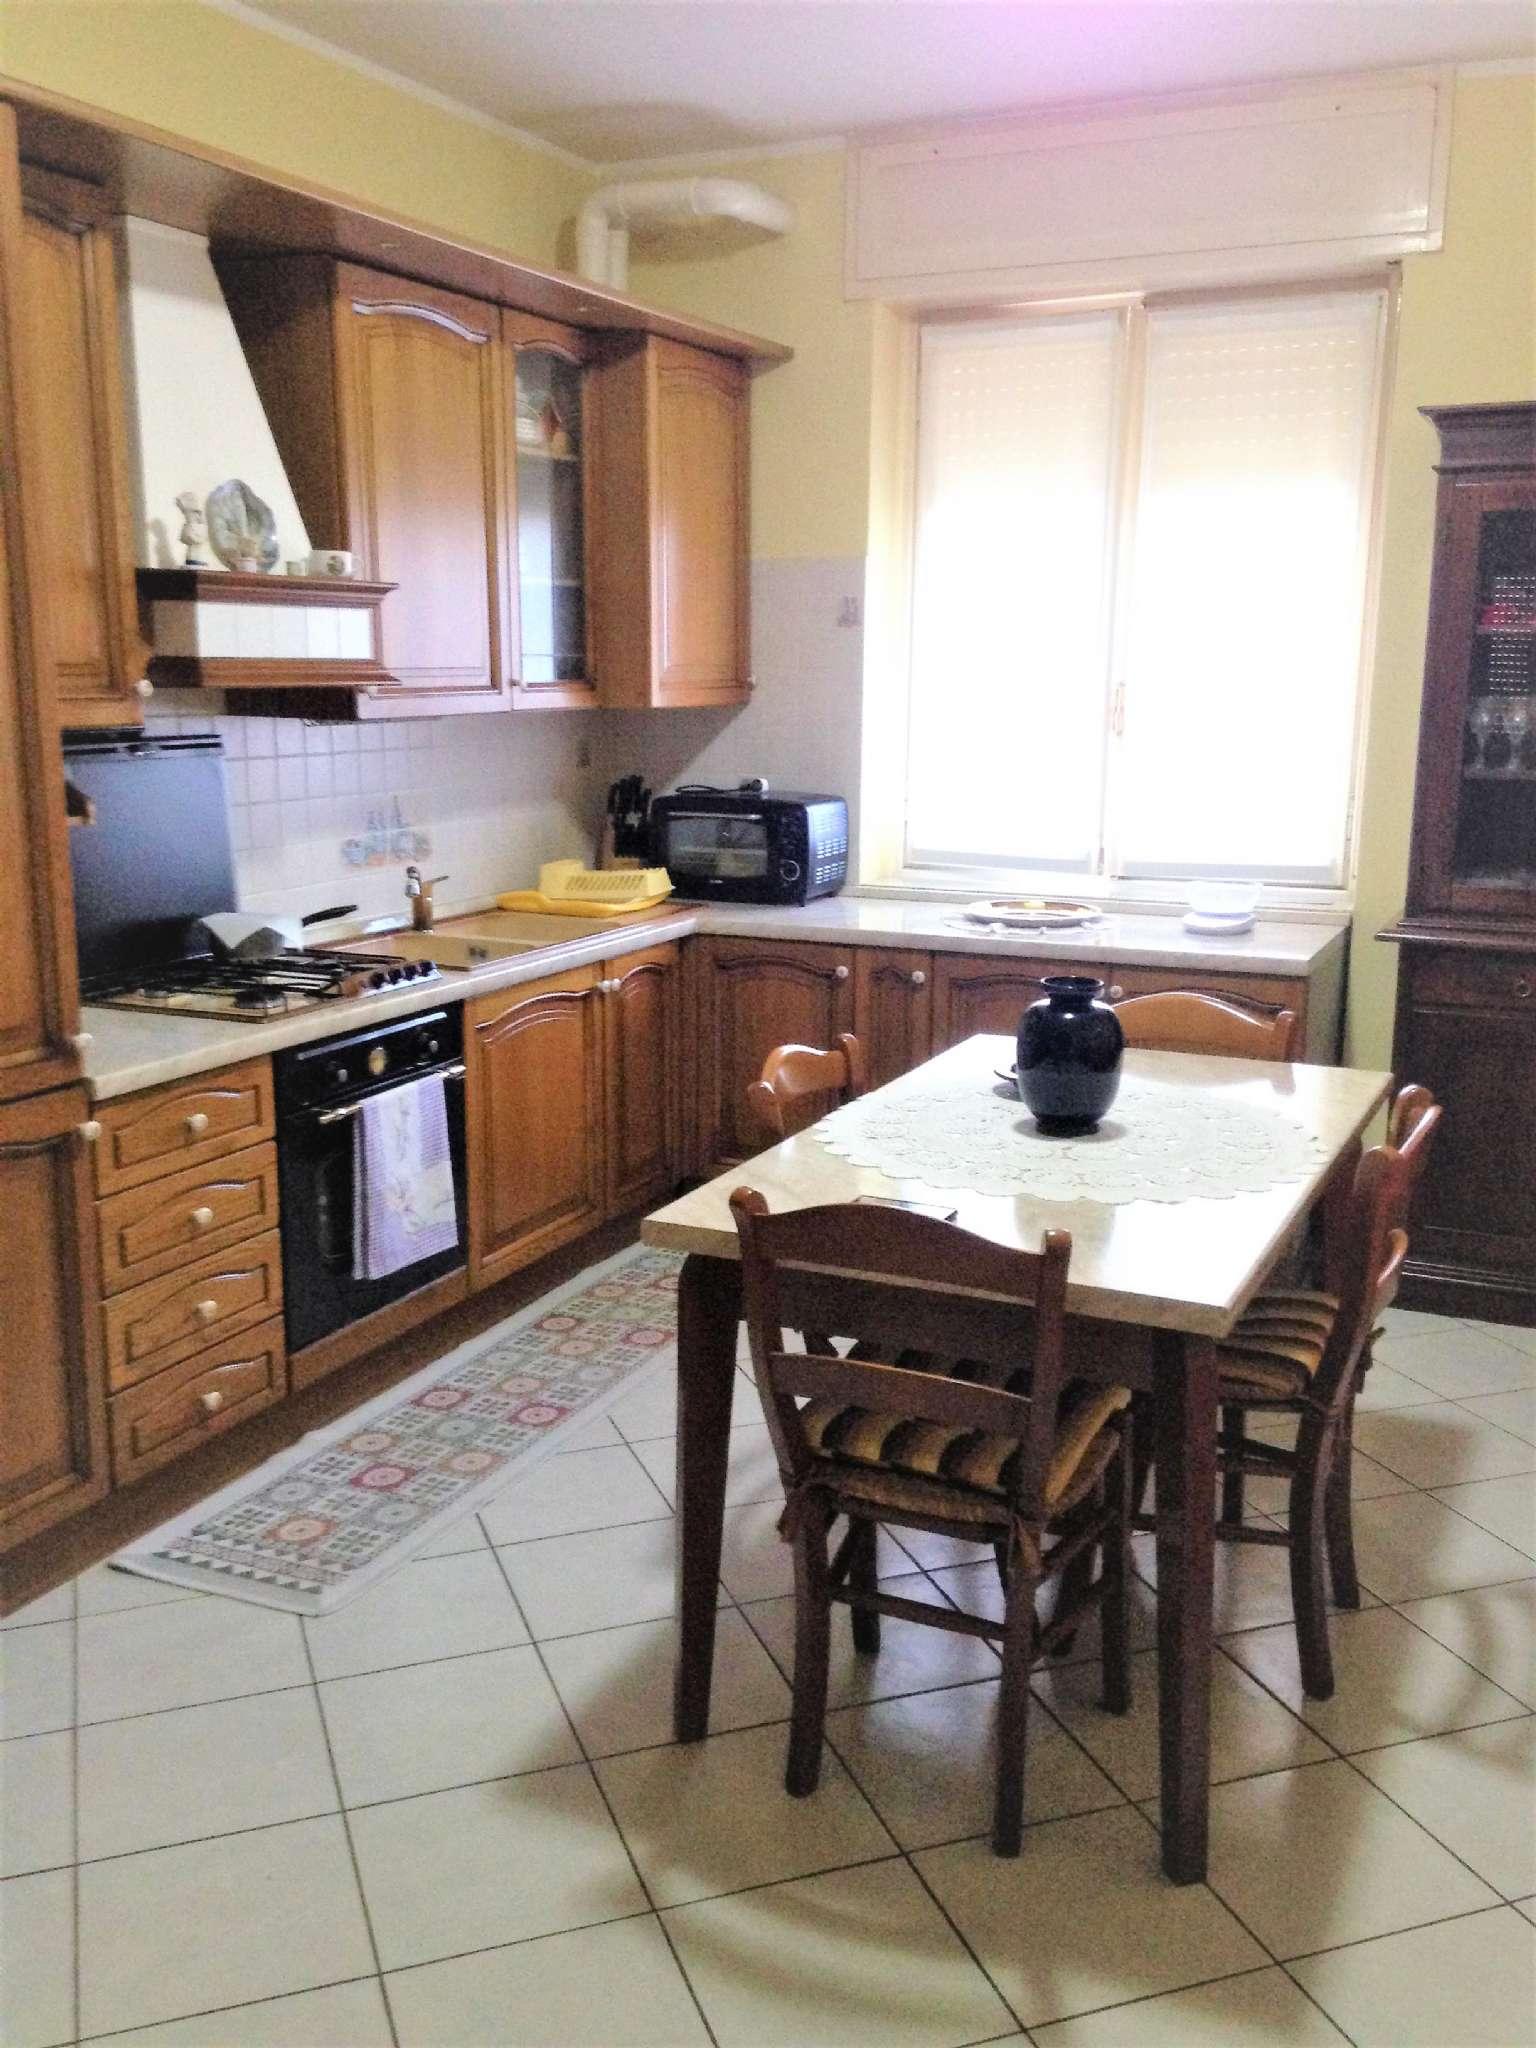 Appartamento in vendita a Vittuone, 3 locali, prezzo € 65.000 | CambioCasa.it